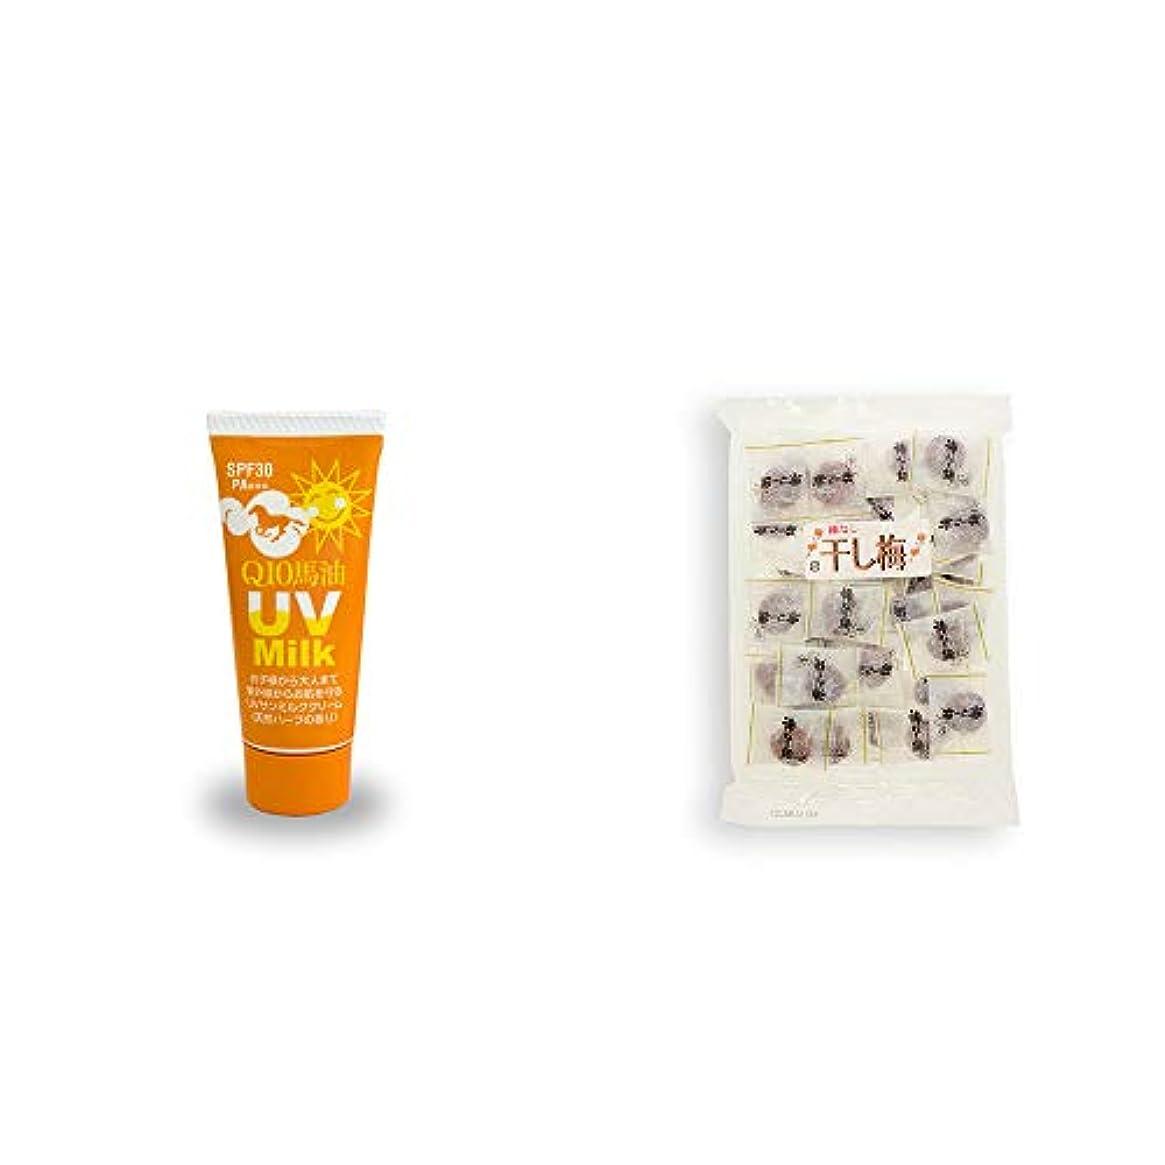 オーク心臓ハンドブック[2点セット] 炭黒泉 Q10馬油 UVサンミルク[天然ハーブ](40g)?種なし干し梅(160g)[個包装]